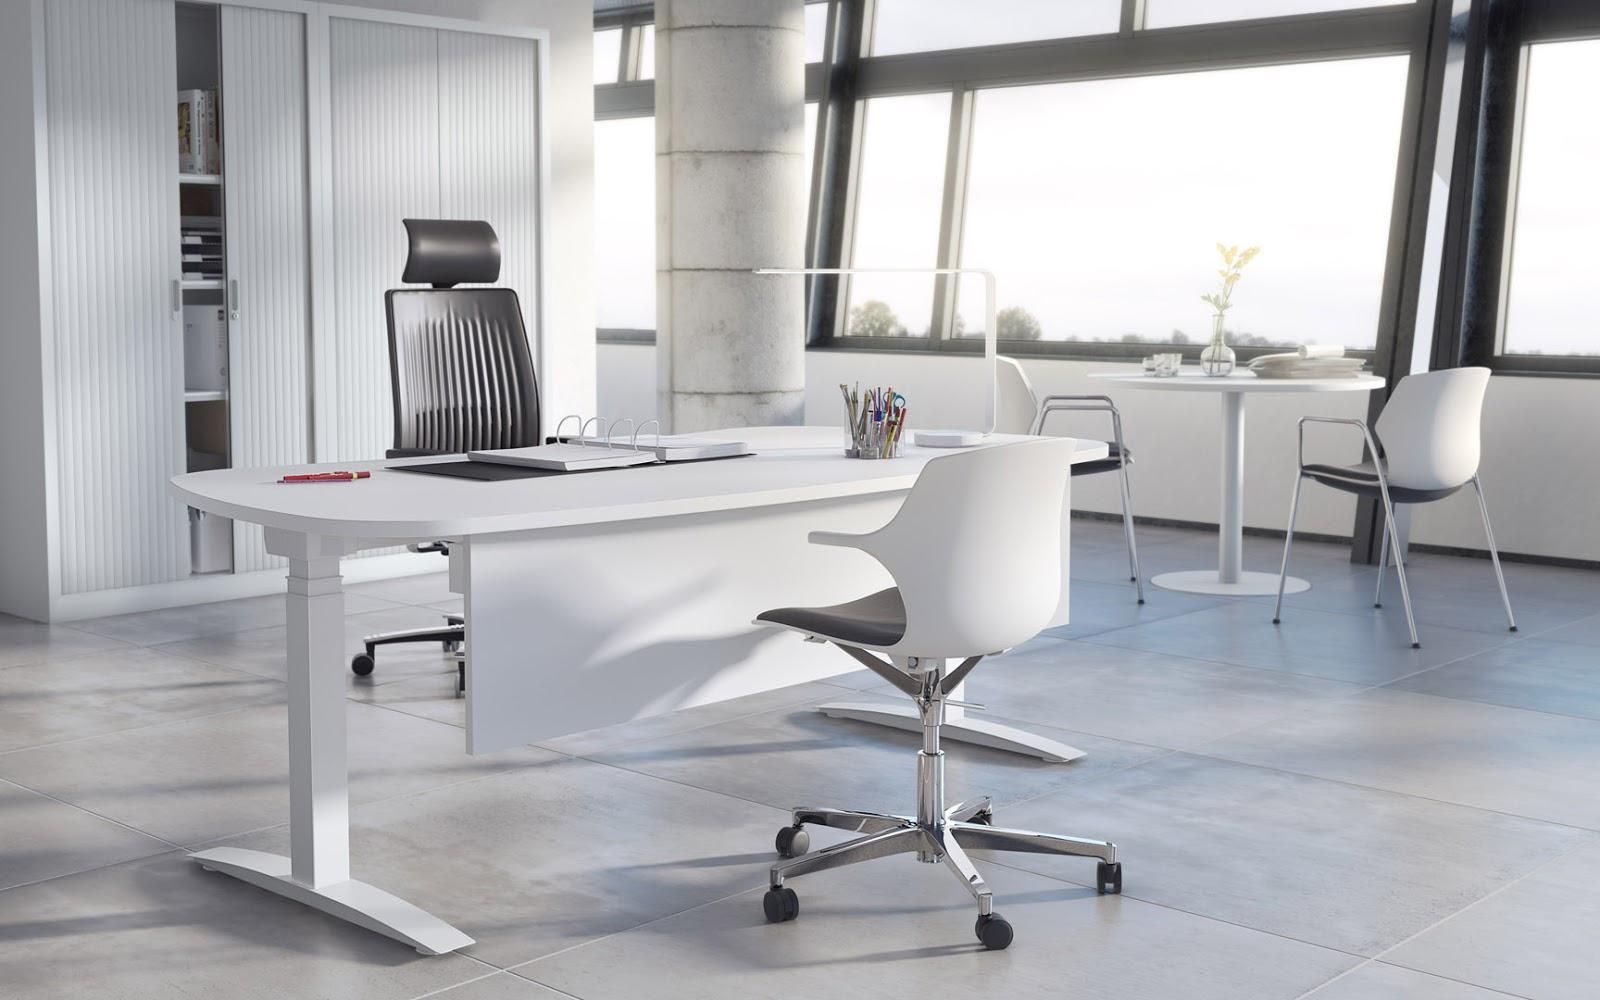 Oficina total for Muebles de oficina mallorca